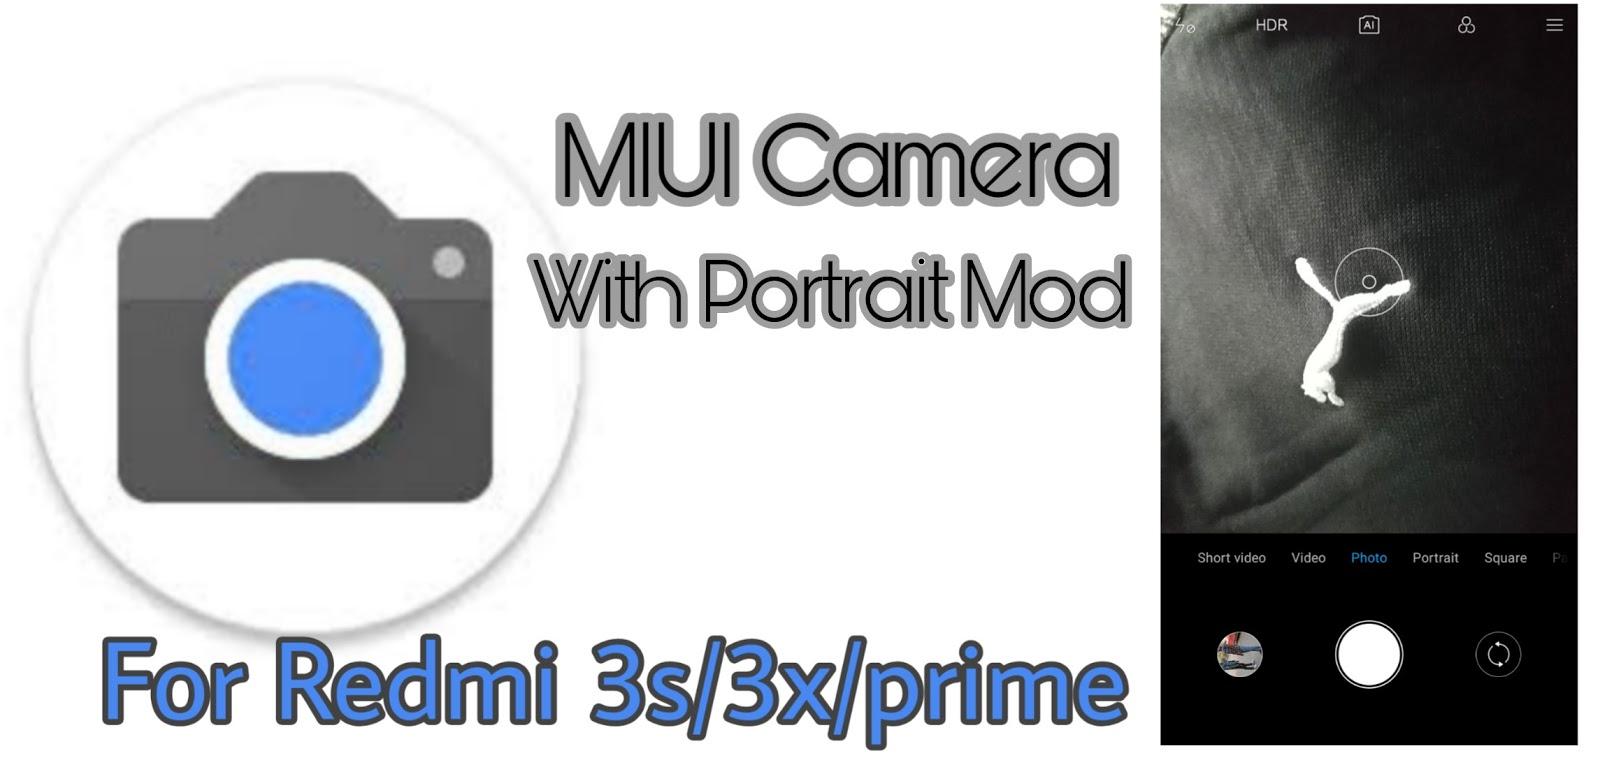 MI A2 Camera With Portrait Mode For Redmi 3s/3x/Prime